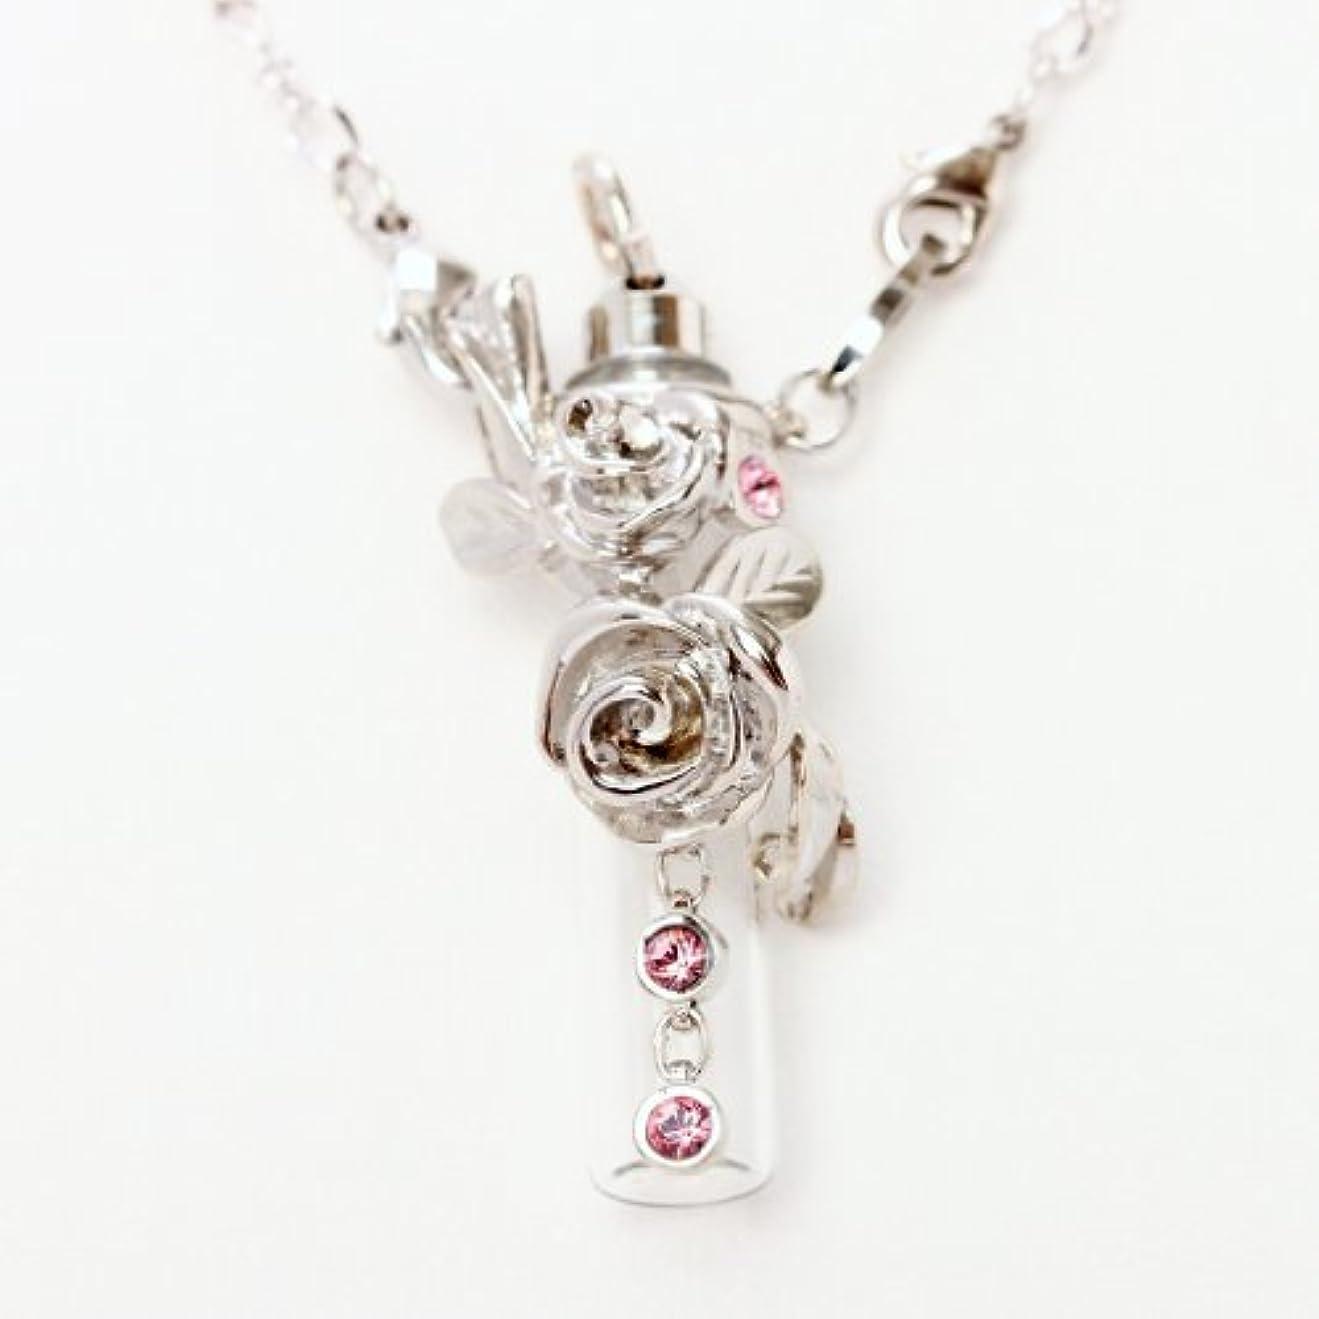 ダウン蛇行きらきら天使の小瓶 ローズフェアリー ピンク